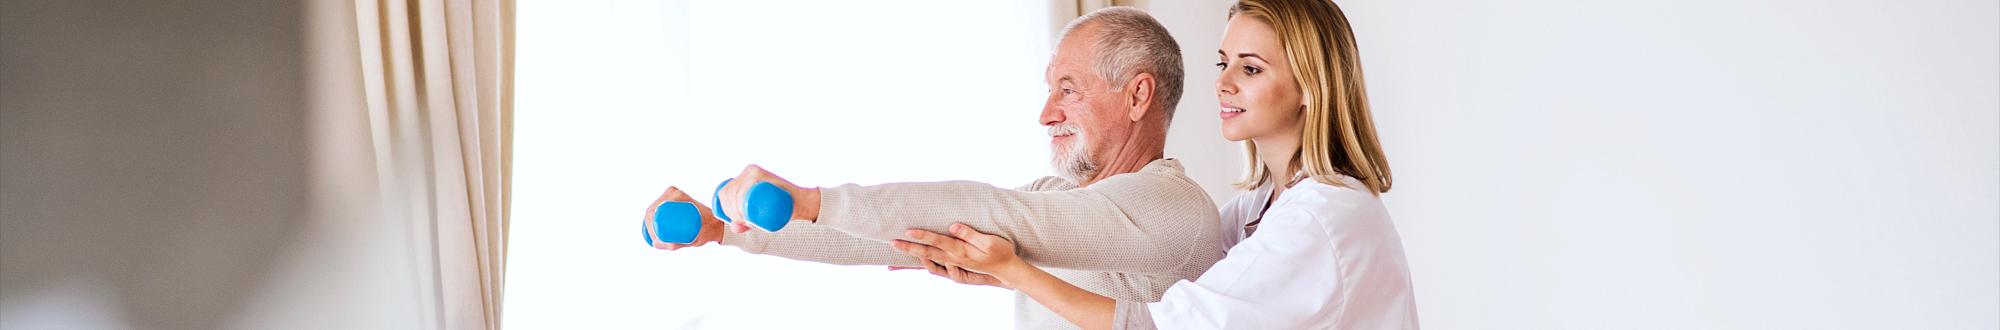 caregiver helping senior man stretch